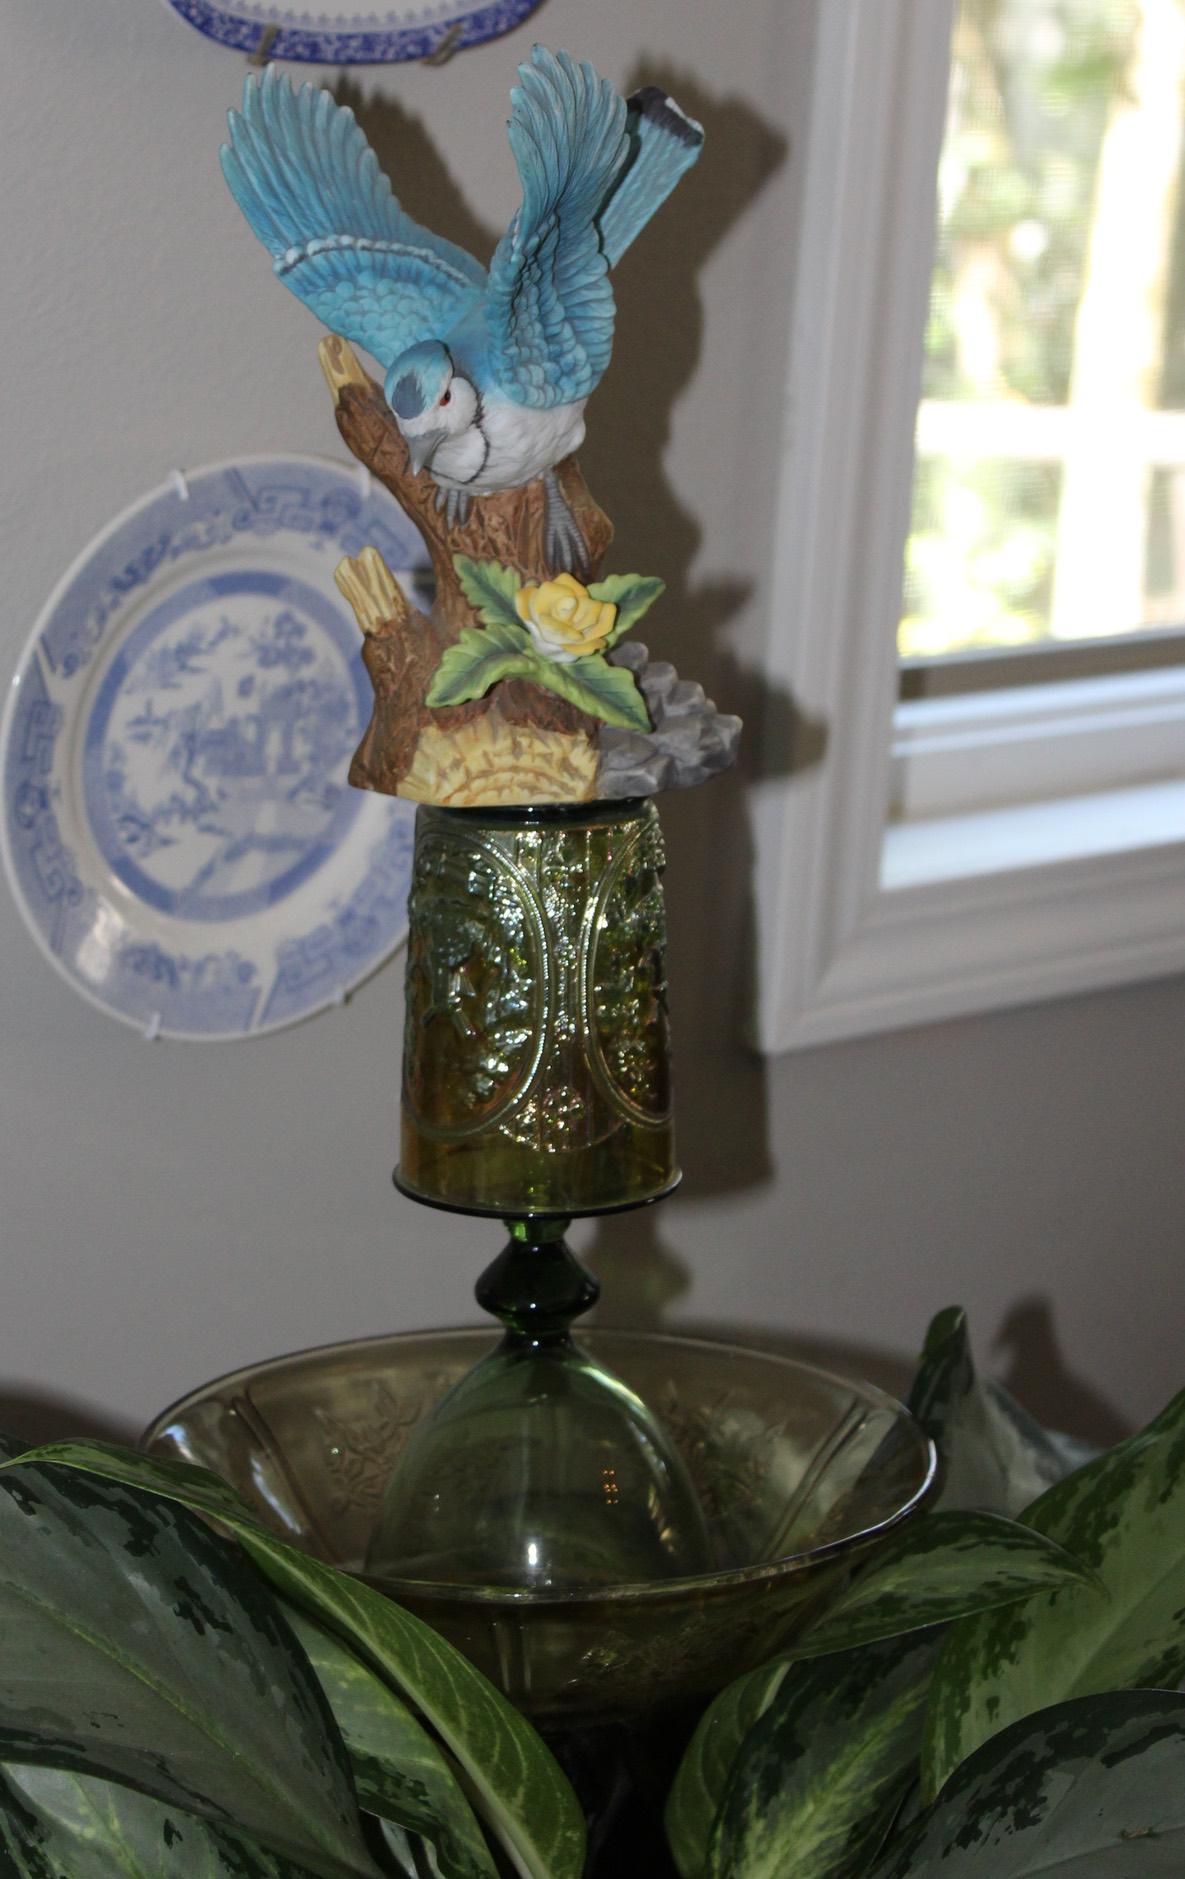 Vintage glass garden art by Judy Nowak.